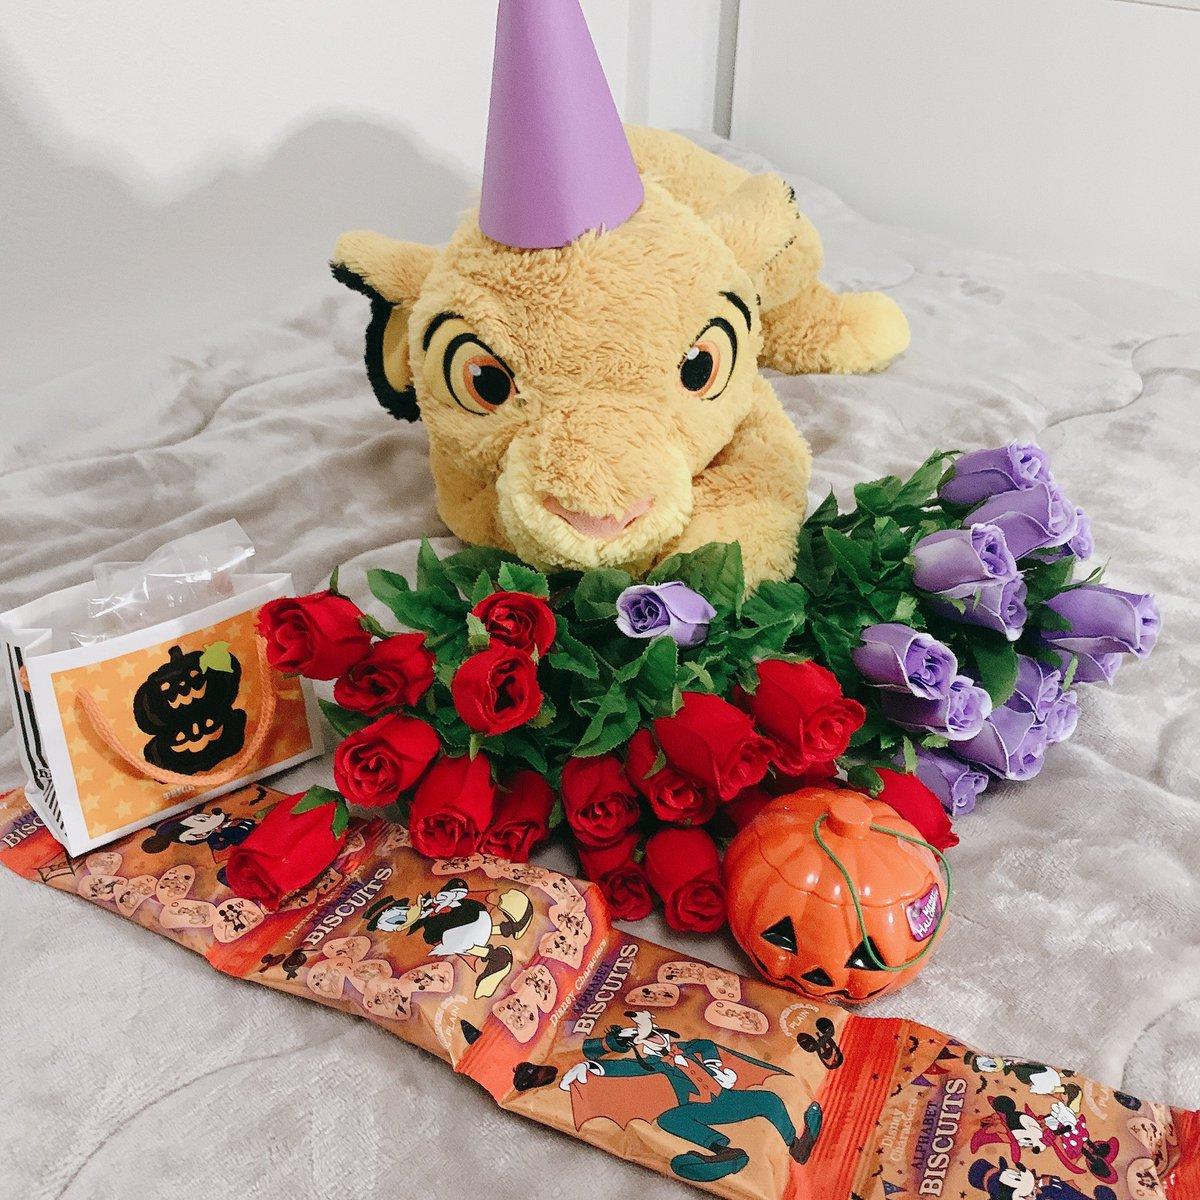 【 #RT希望 】⑥  今日の配信小道具はほぼだ大好きなお姉ちゃんがくれたやつです💓 チョコレートはオシャレな味すぎて感想が難しかったちょ💦笑  #MODECON #ミクチャ #ハロウィン #RT数が審査対象になっています #RT数競ってます #Halloween #Disney https://t.co/C8kHLFVhch